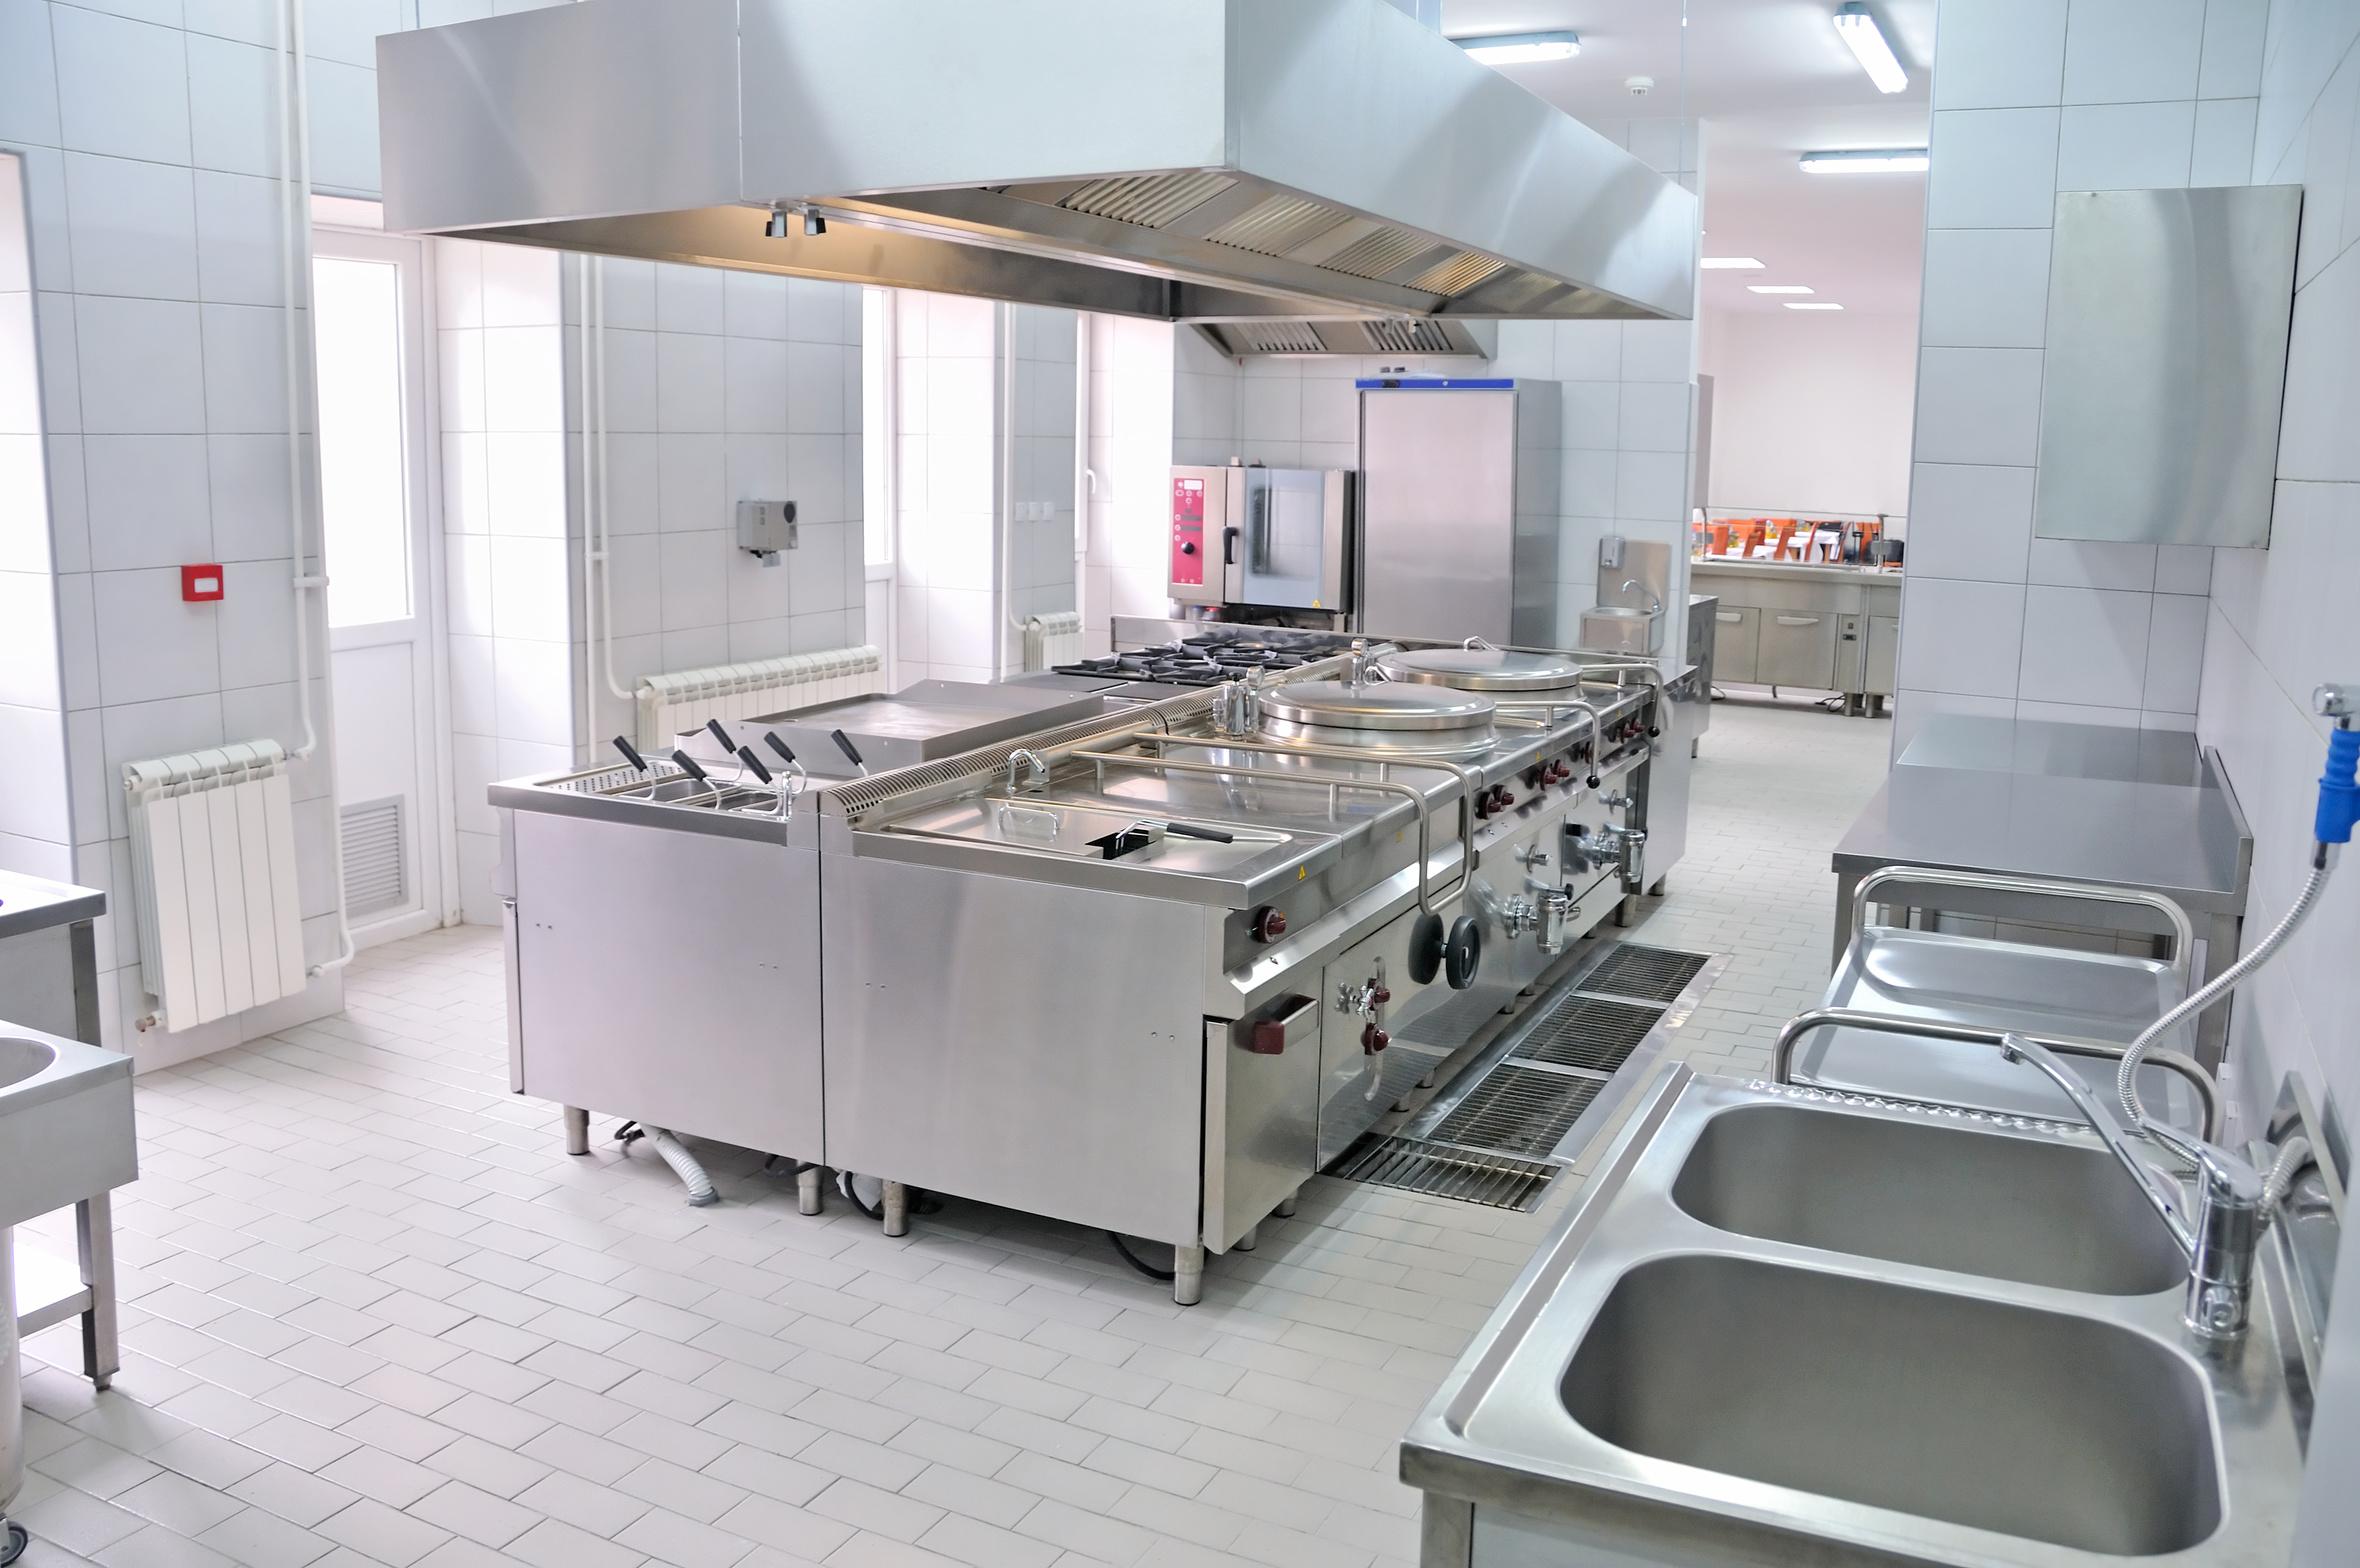 tout savoir sur le carrelage dans une cuisine professionnelle. Black Bedroom Furniture Sets. Home Design Ideas